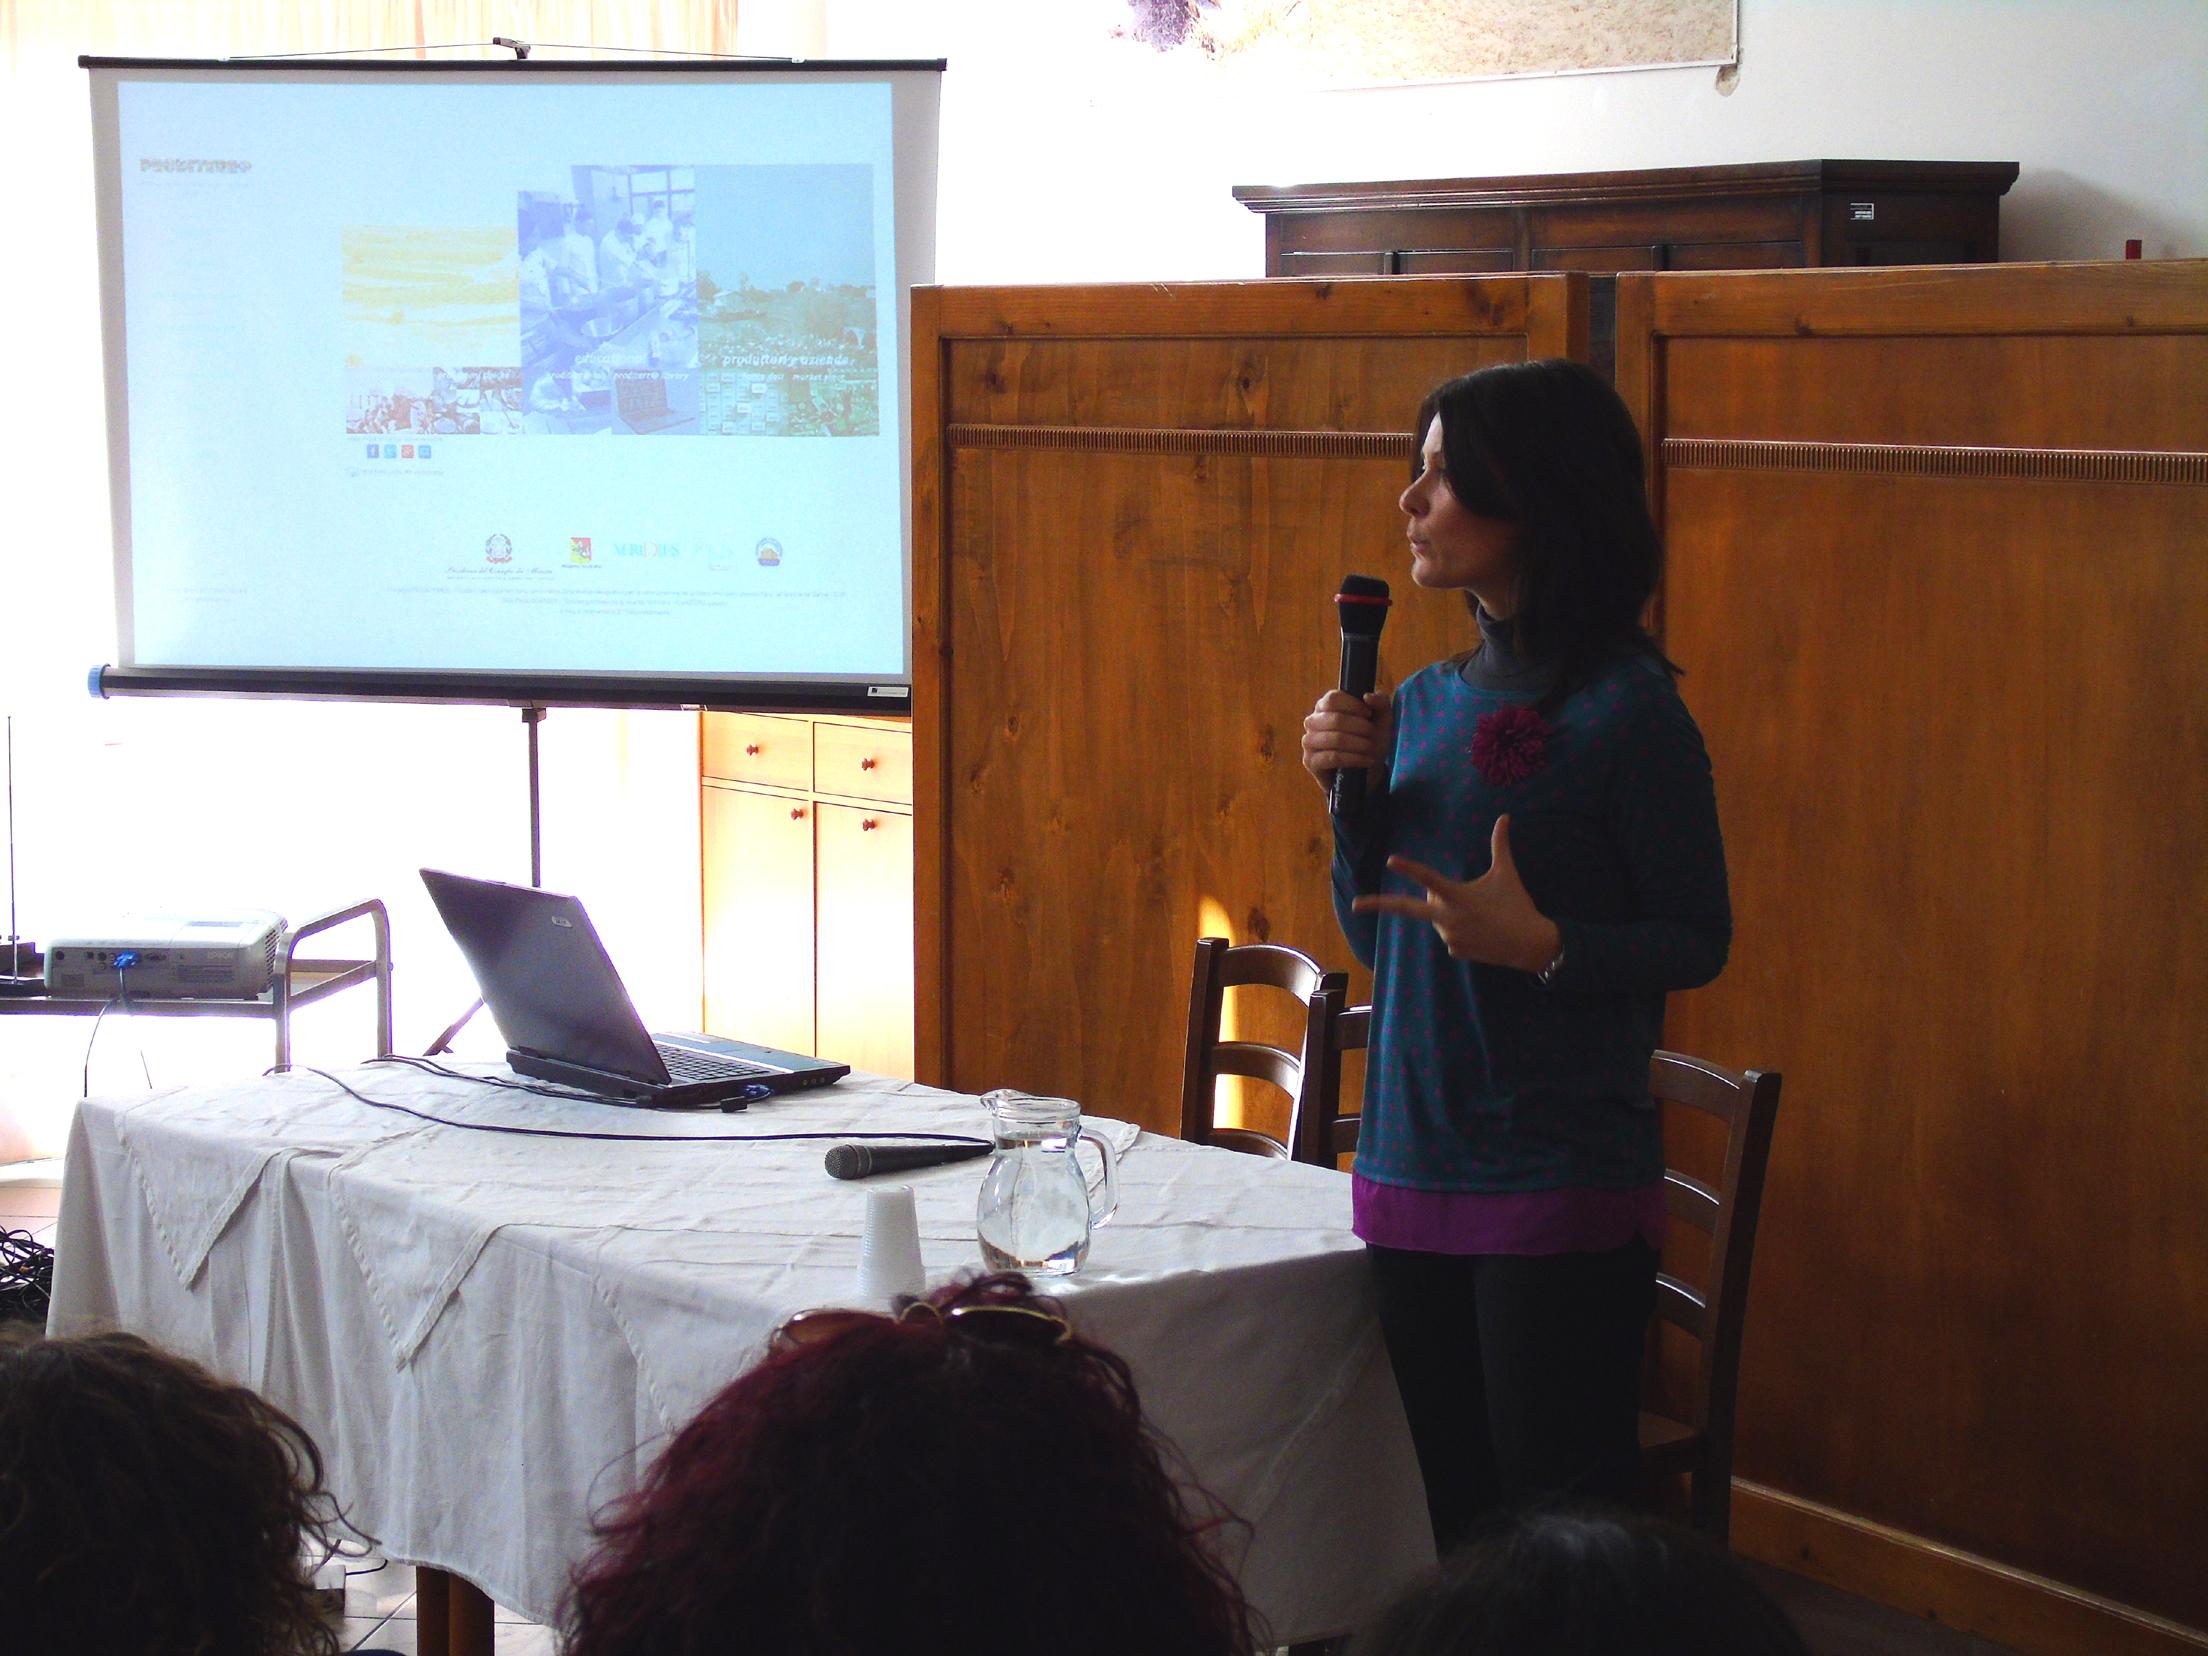 Un momento della presentazione della piattaforma Proditerra.eu